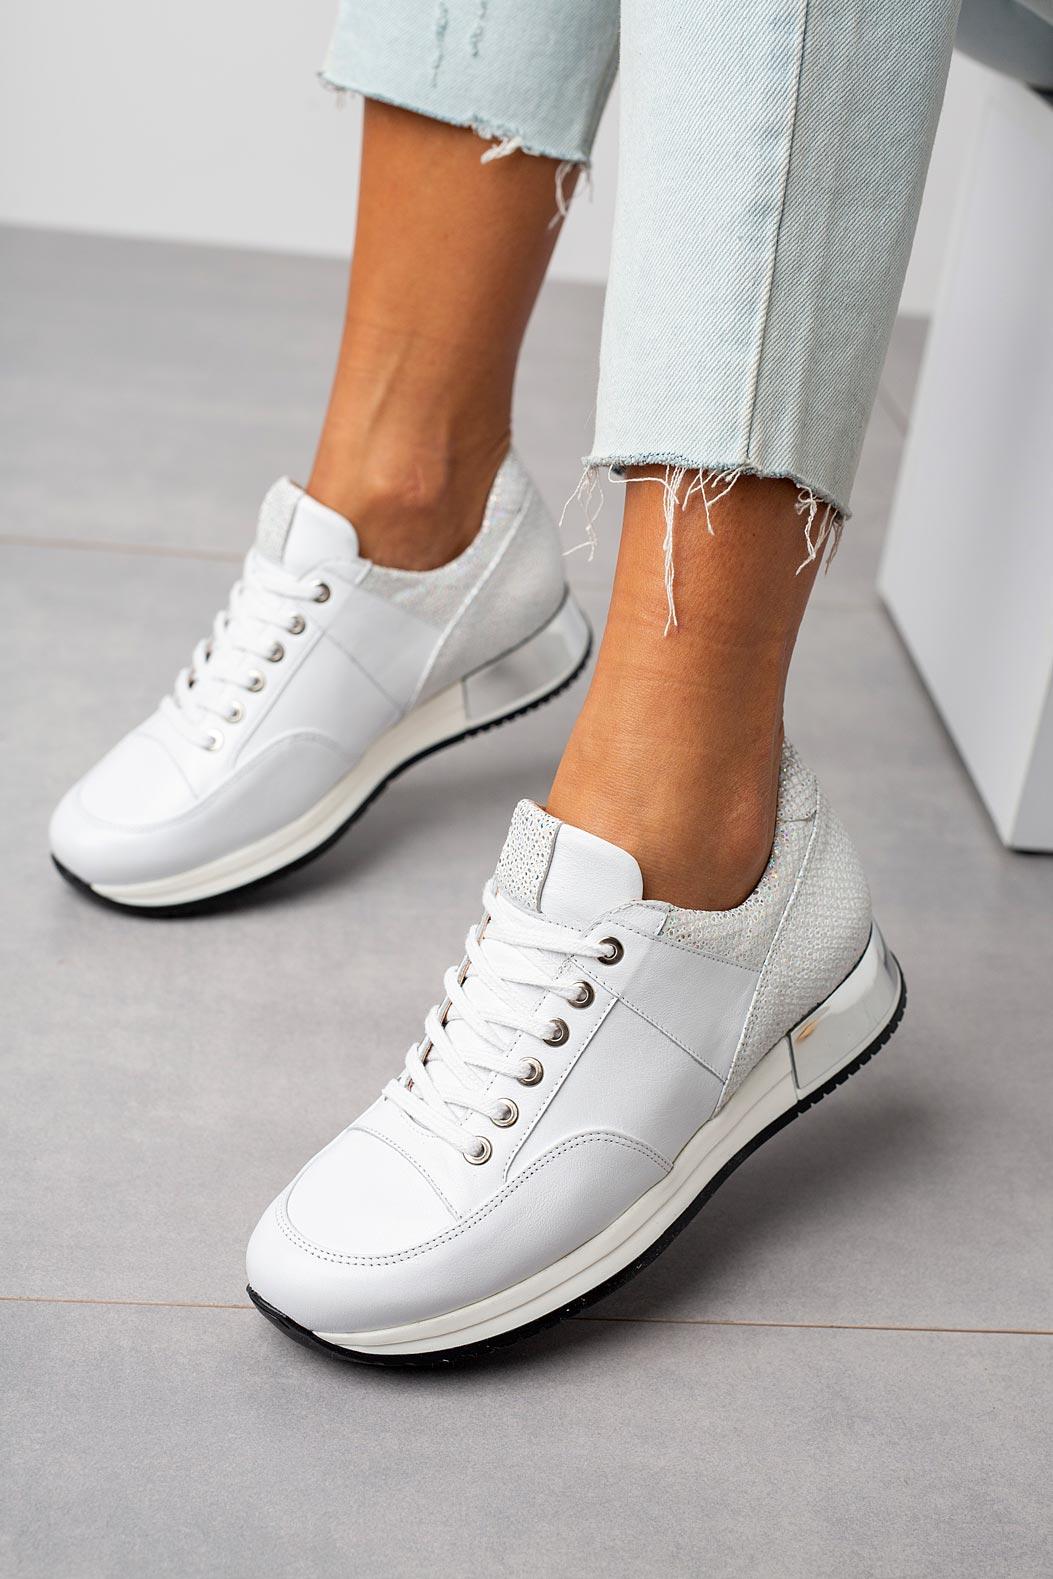 Białe sneakersy Kati buty sportowe sznurowane 7026 biały